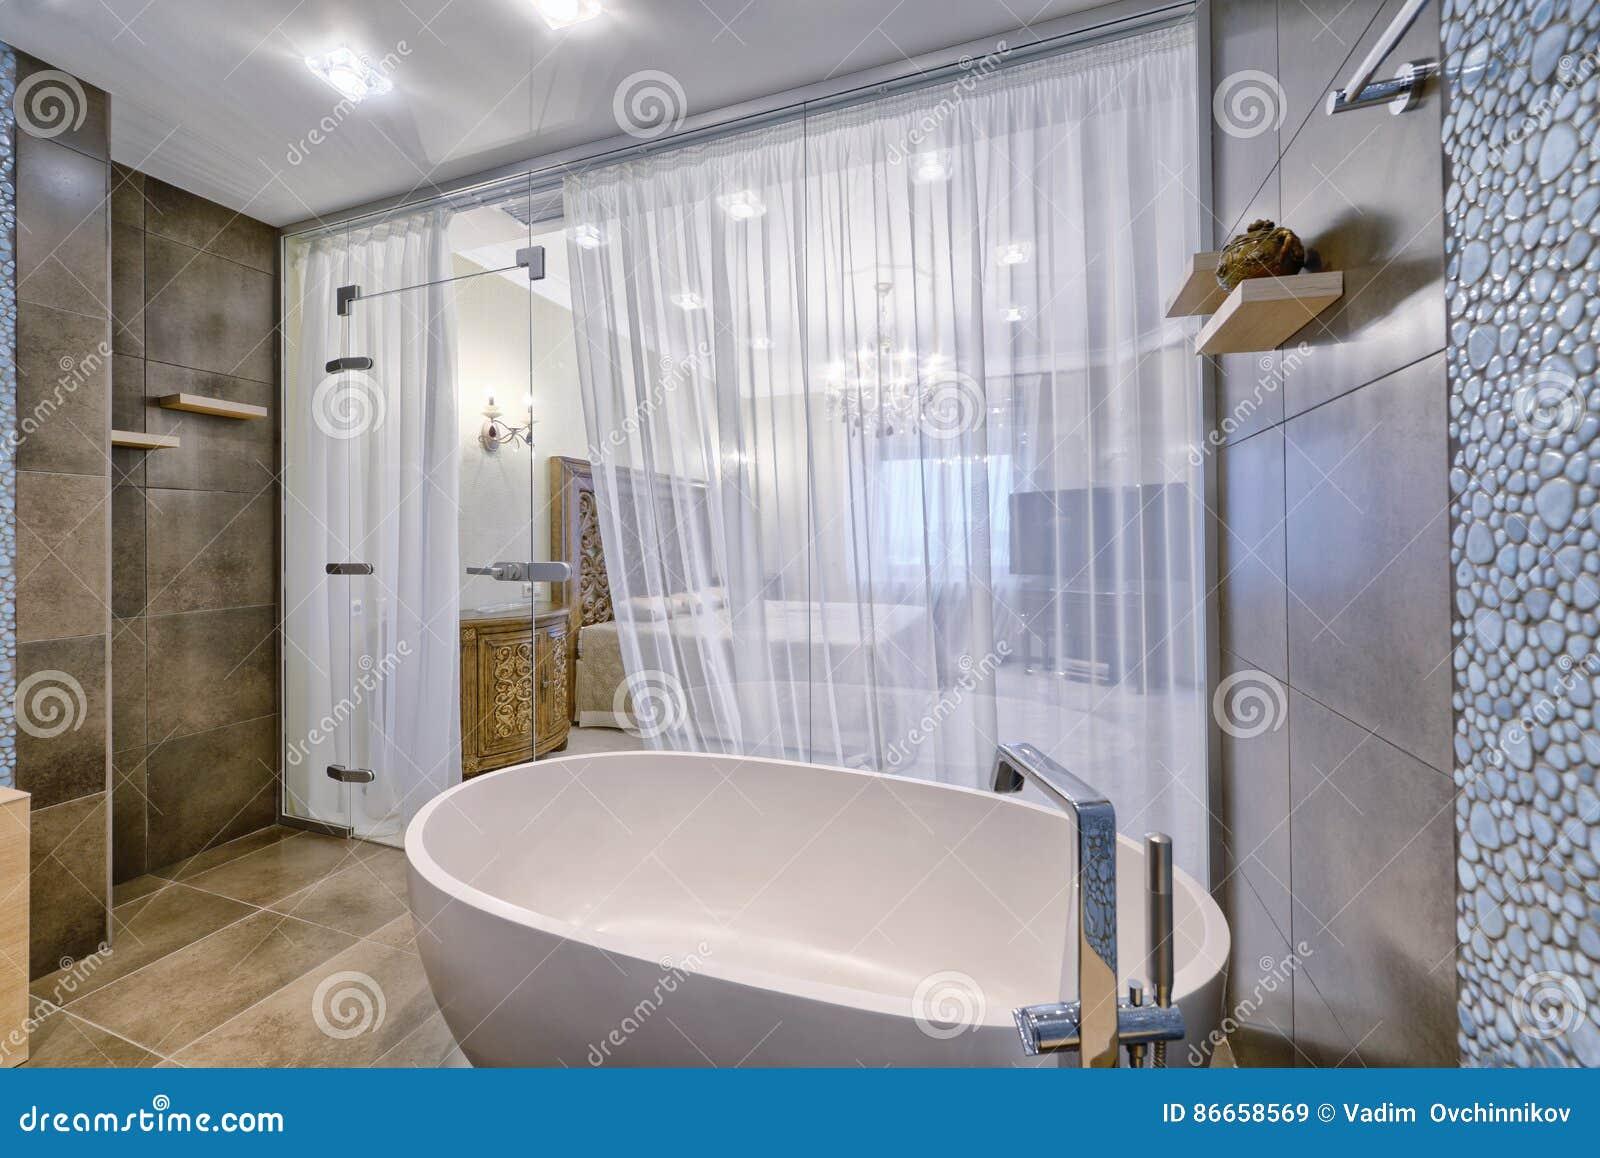 Bagni Per Case Di Campagna : Regione della russia mosca interno del bagno in nuova casa di